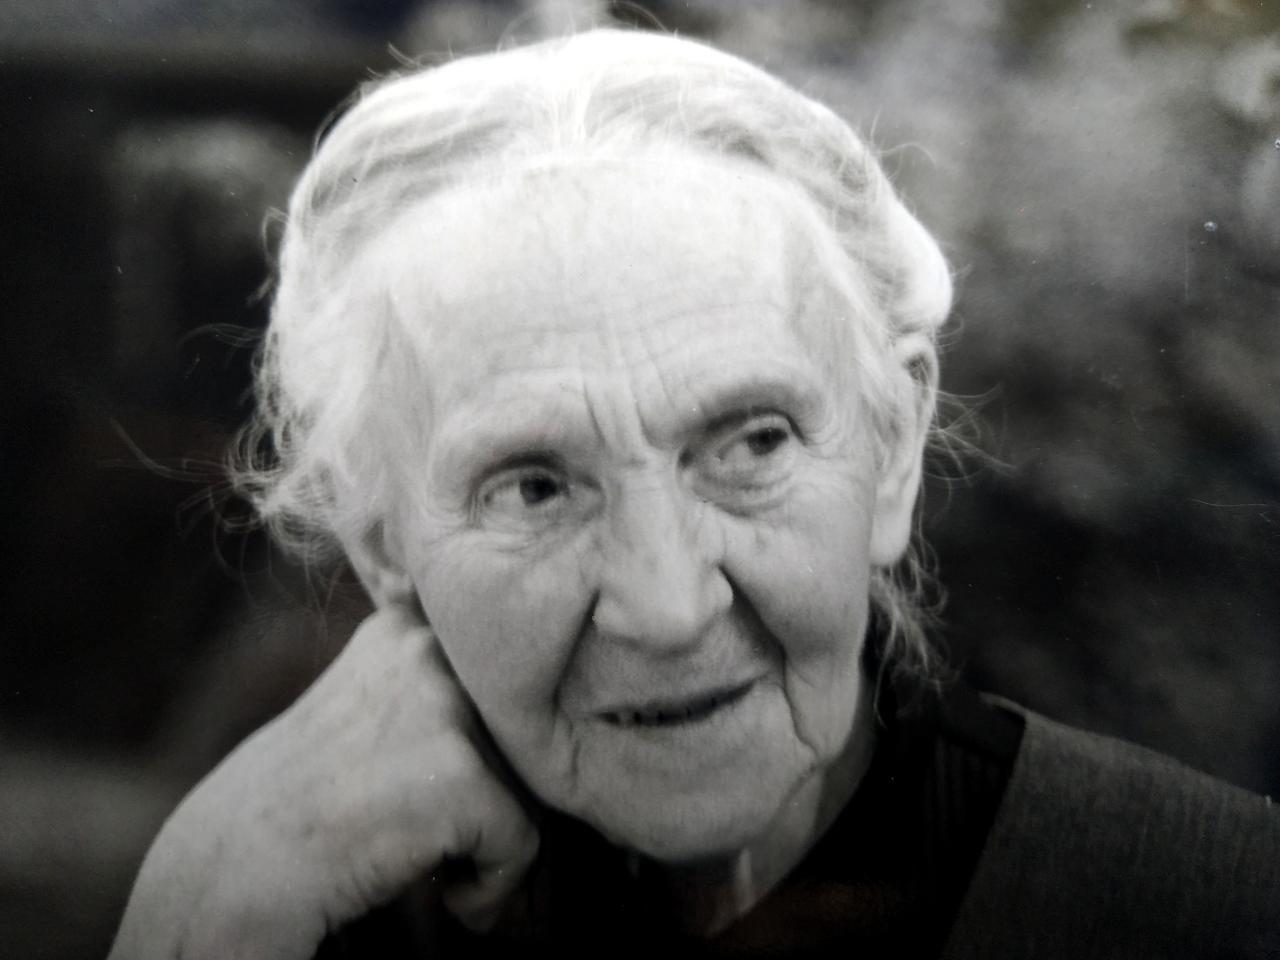 Großmütterchen in schwarz-weiß